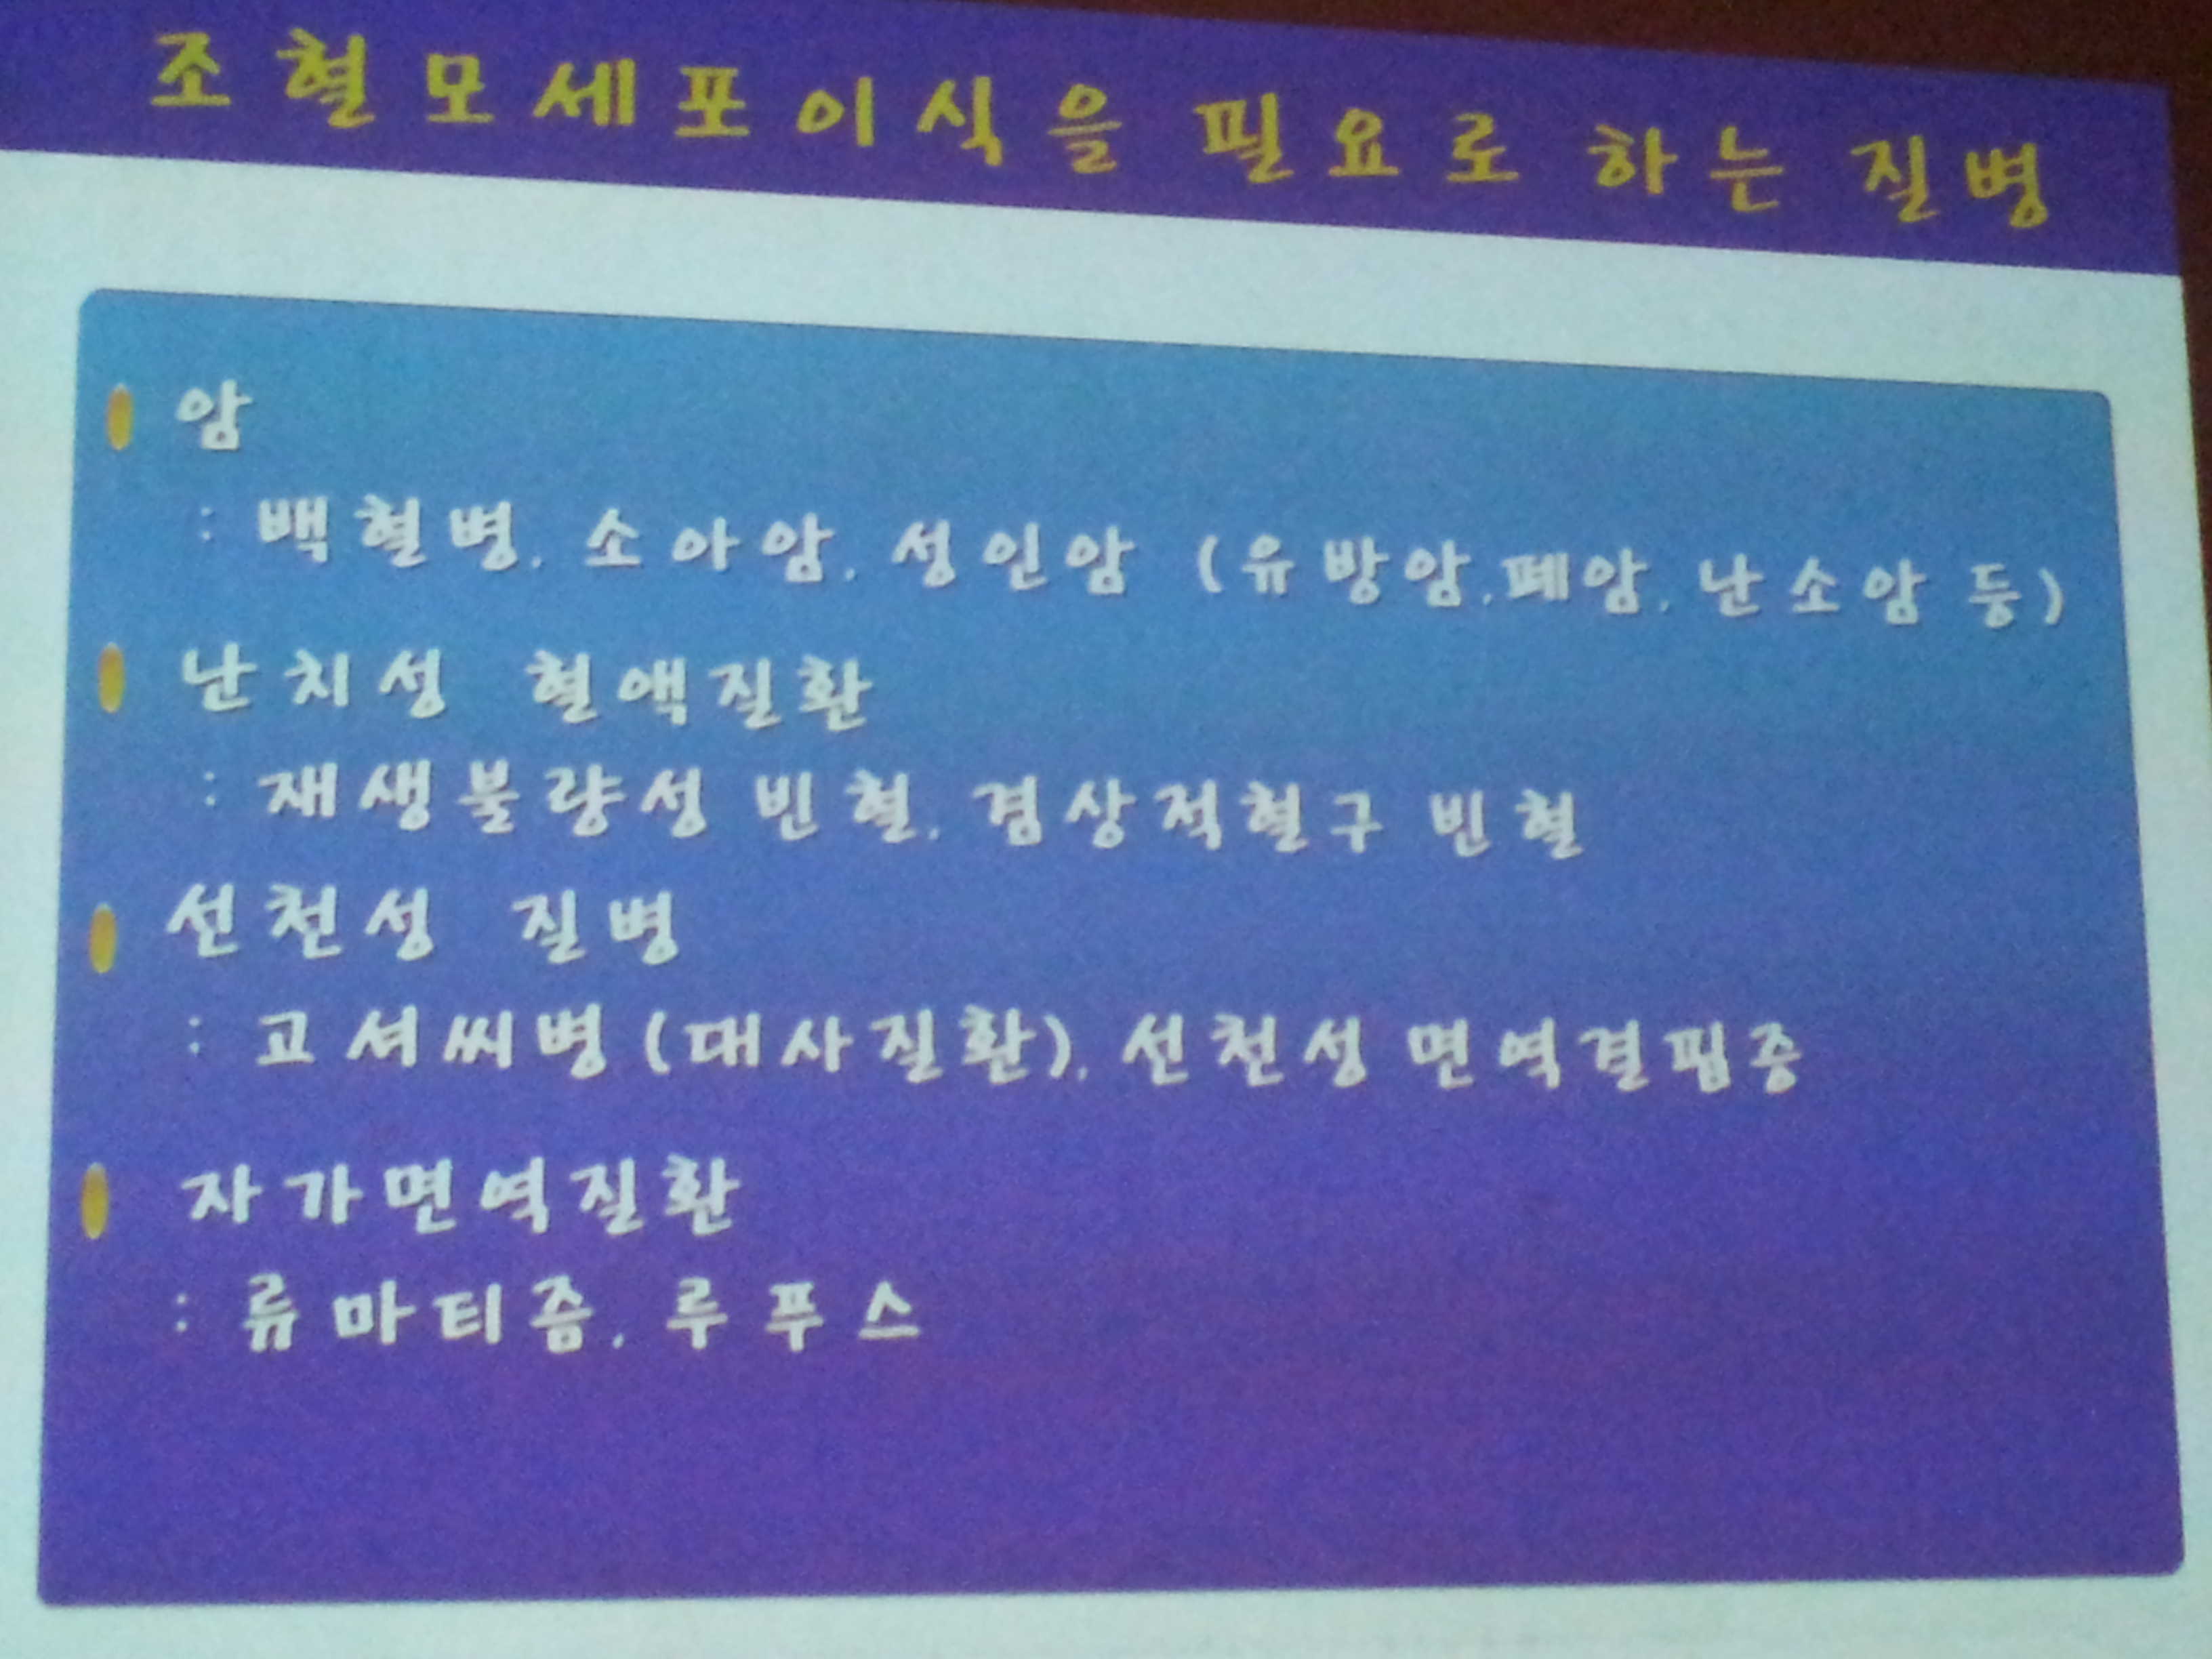 2012-09-25_15.33.45[3].jpg